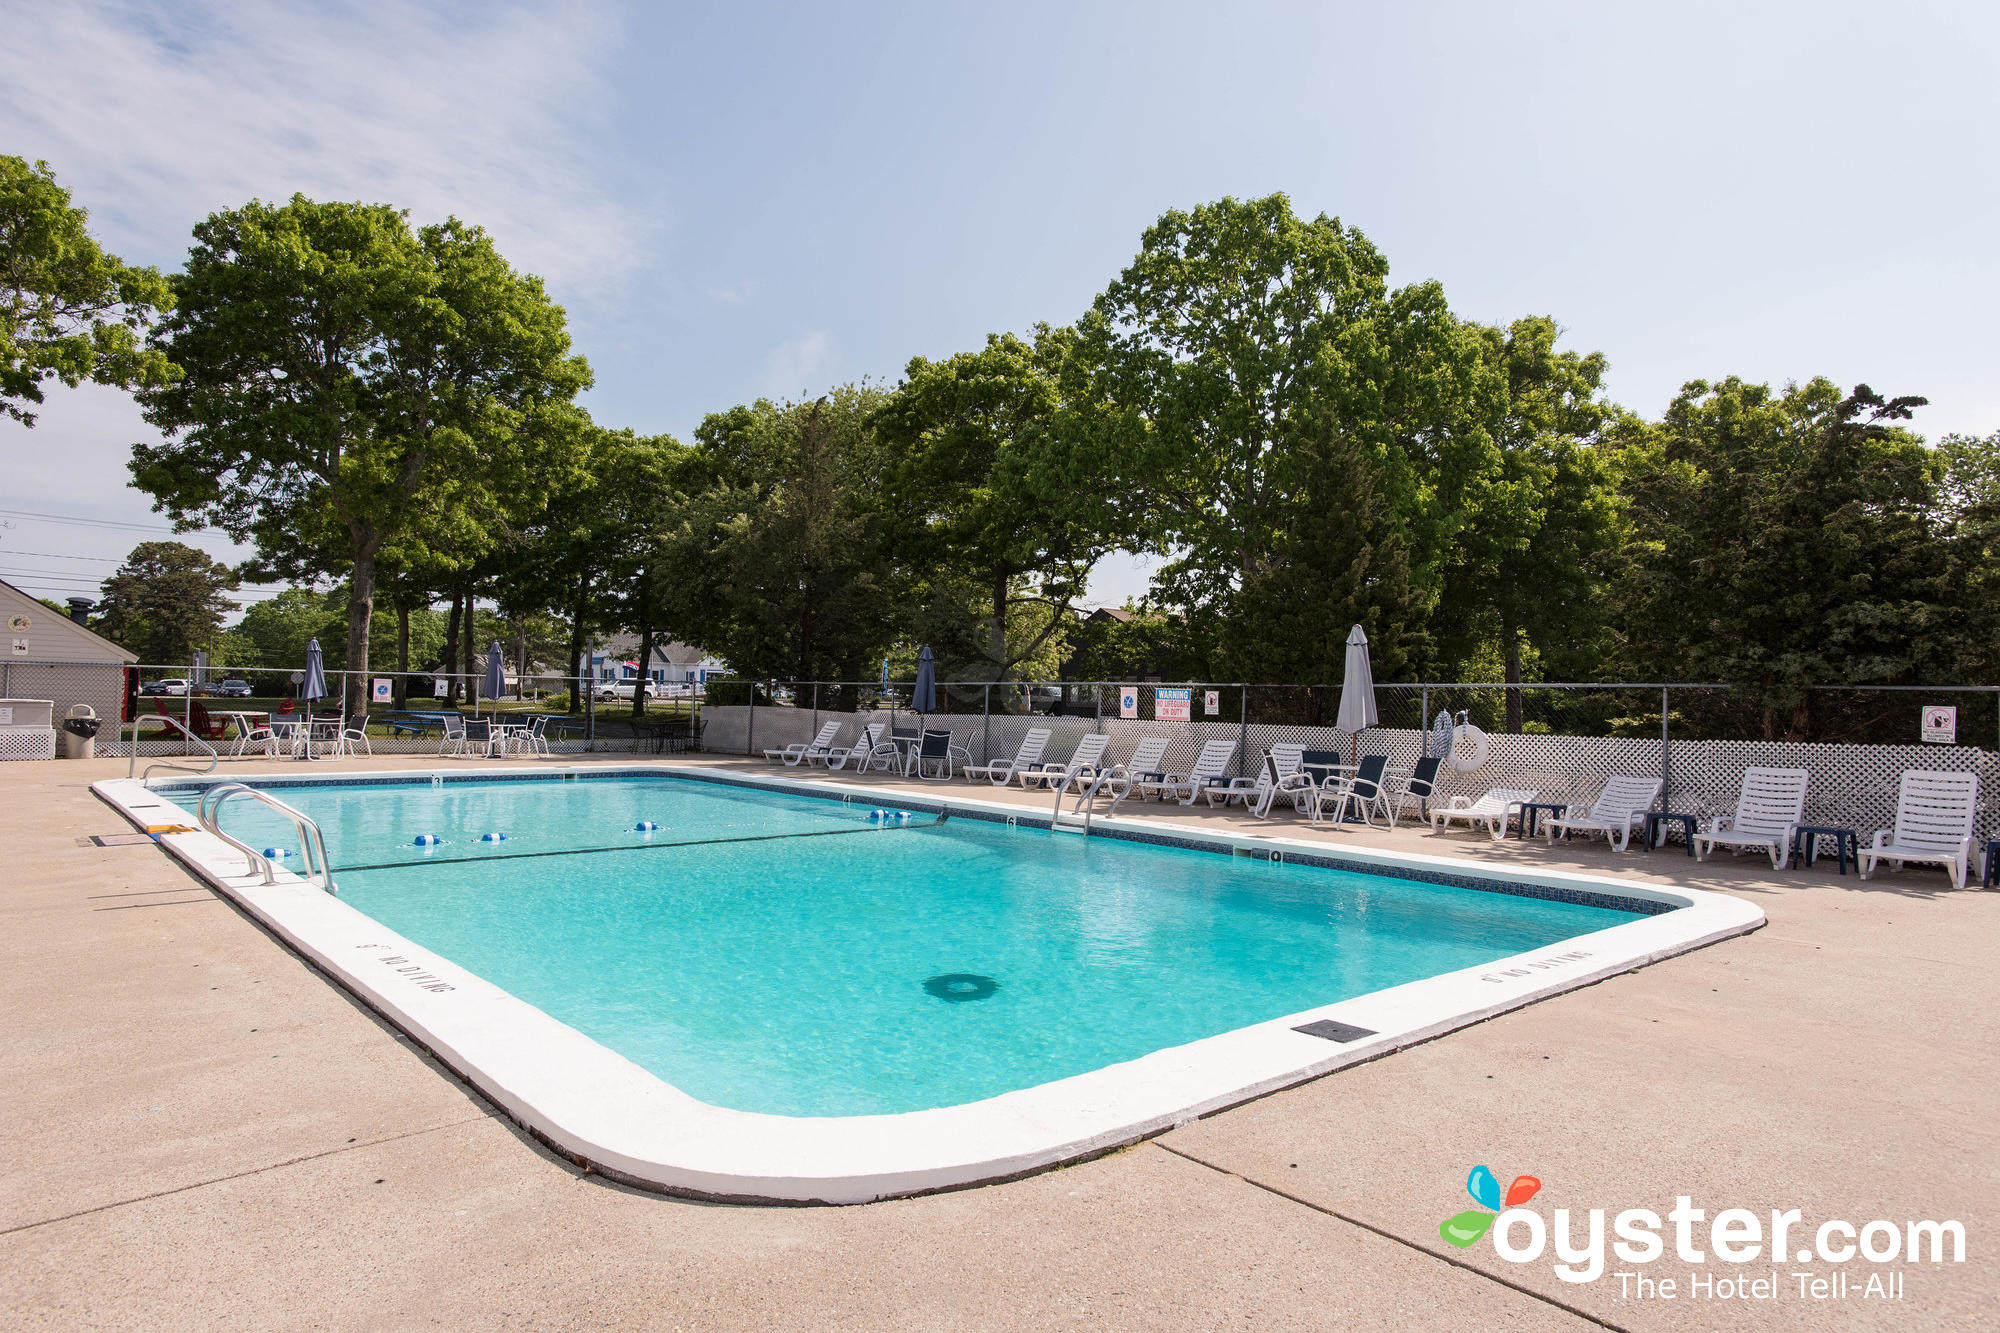 outdoor-pool--v13334104-2000.jpg